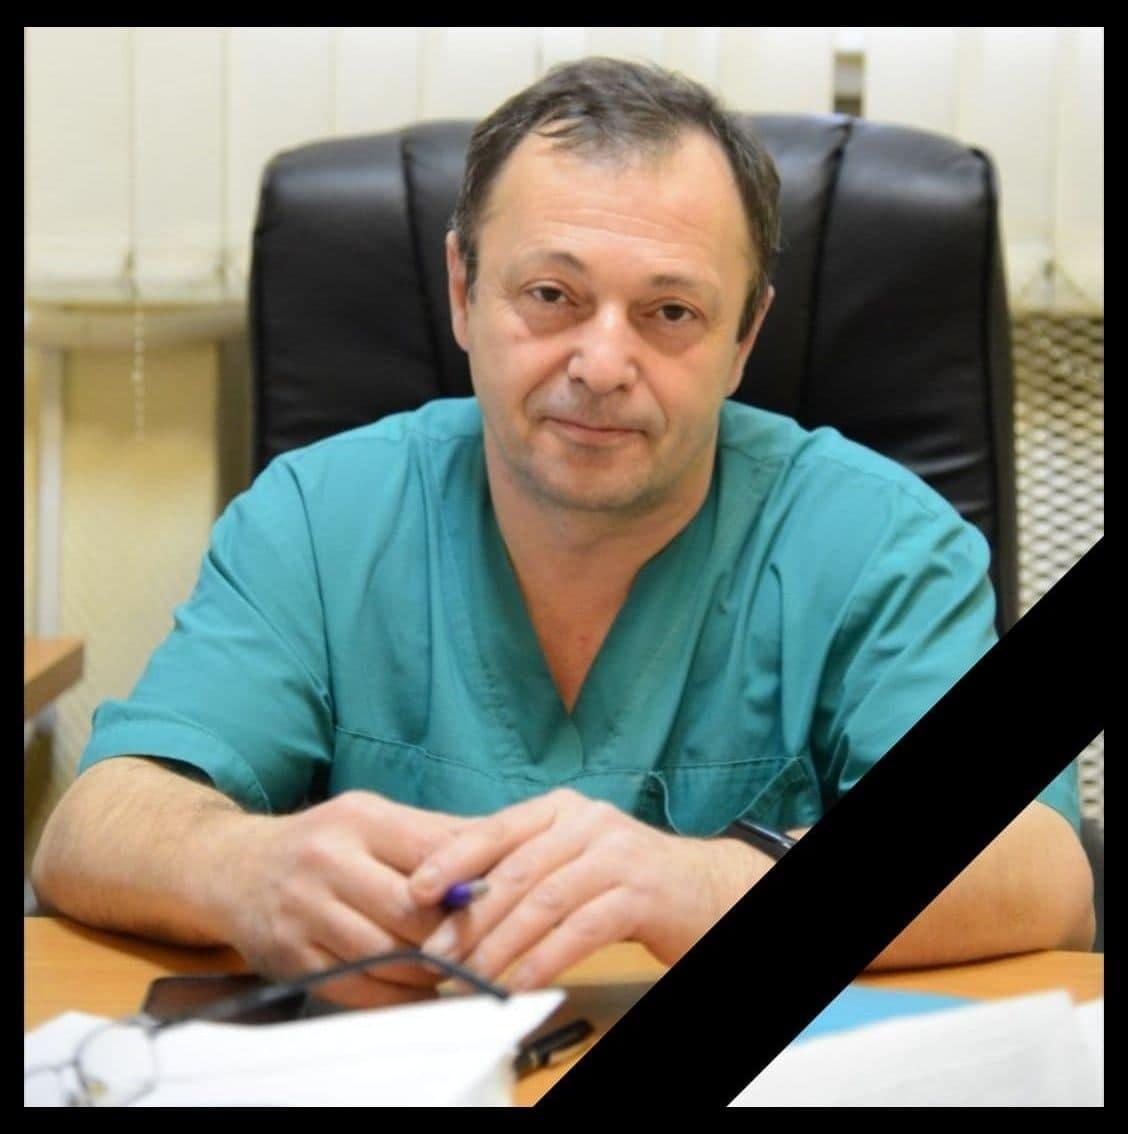 Ушел из жизни коломенский врач-онколог Ахилес Зафиров